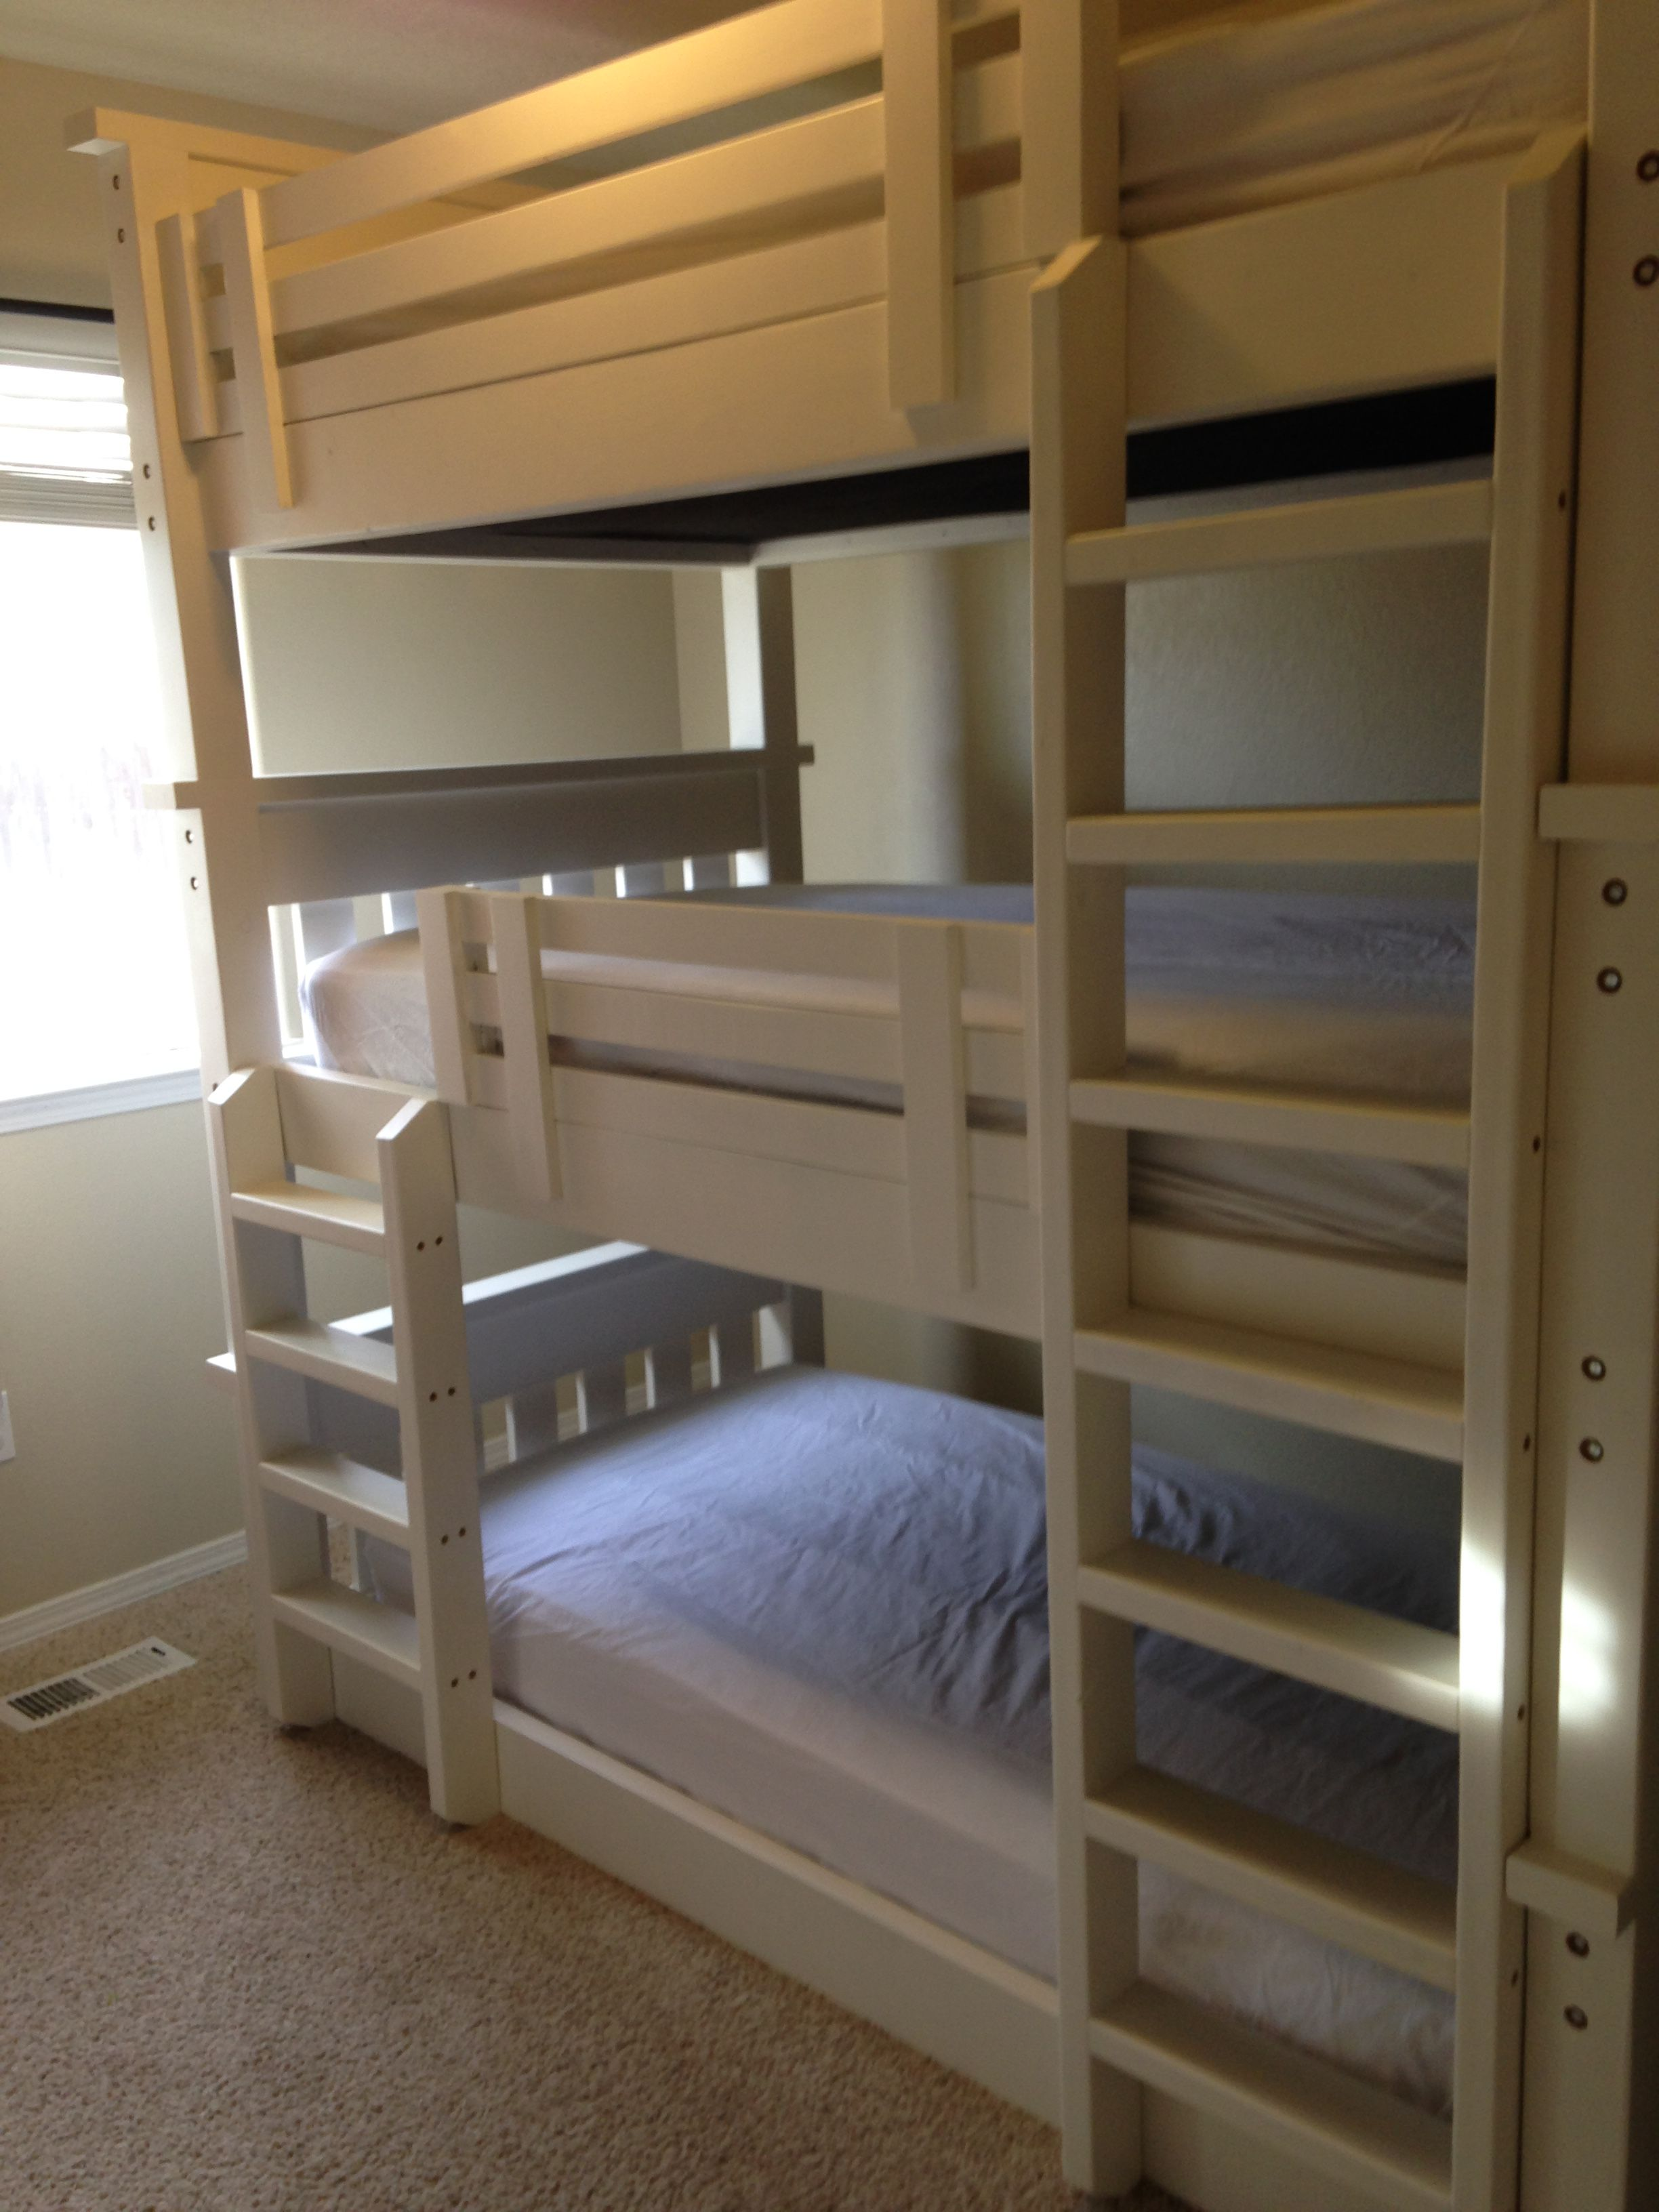 Best 7 Nice Triple Bunk Beds Ideas For Your Children's Bedroom 640 x 480